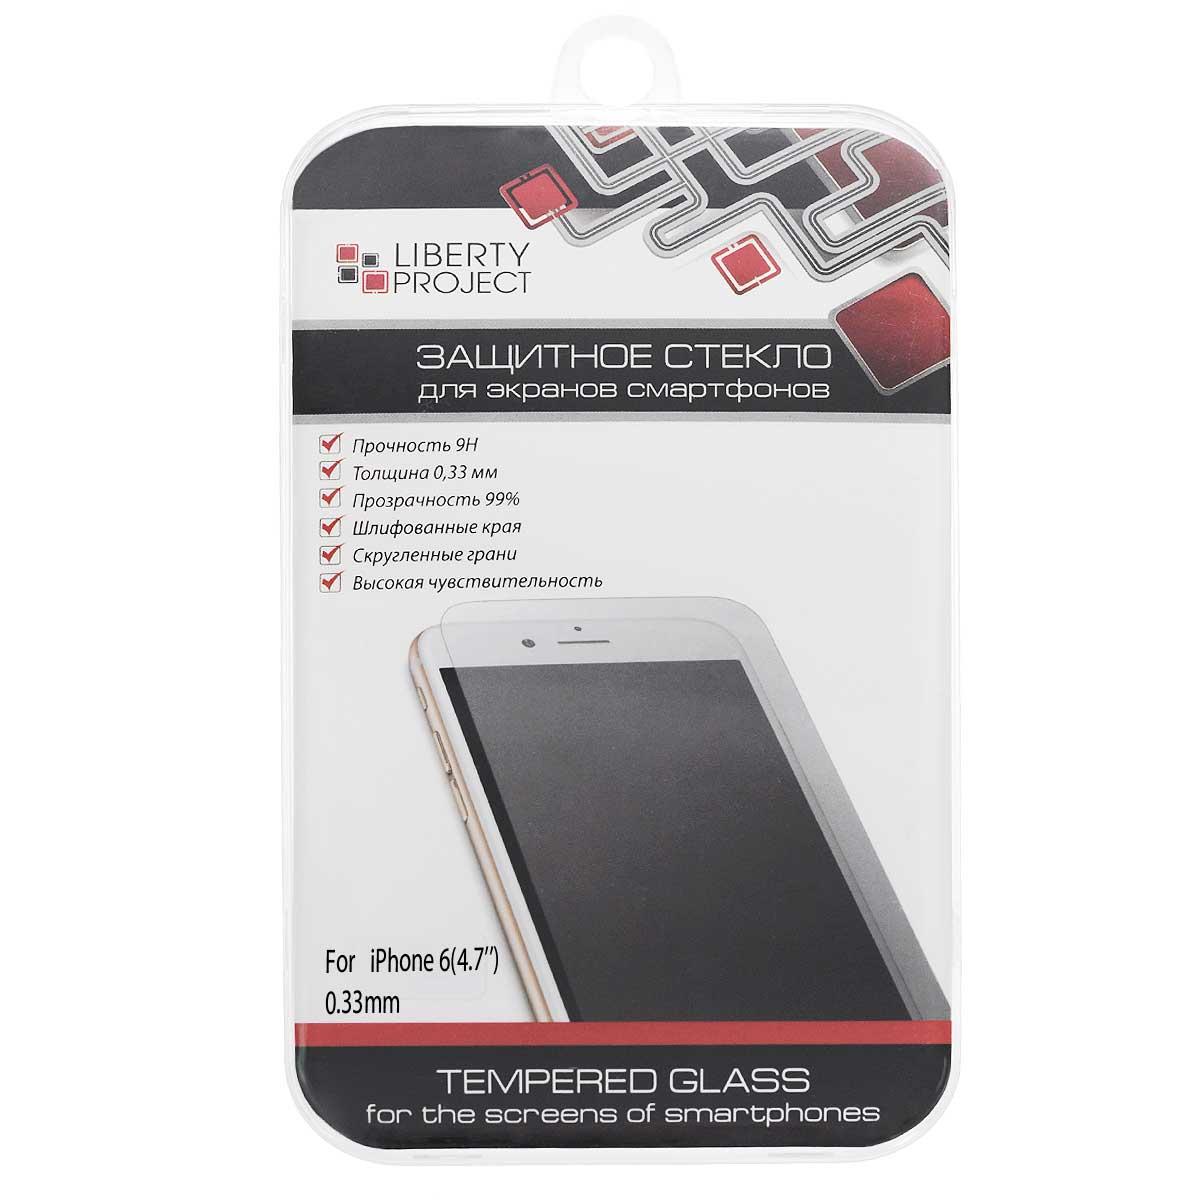 Liberty Project Tempered Glass защитное стекло для iPhone 6, Clear (0,33 мм)R0006514Защитное стекло Liberty Project Tempered Glass предназначено для защиты поверхности экрана, от царапин, потертостей, отпечатков пальцев и прочих следов механического воздействия. Гарантирует высокую чувствительность при работе с устройством. Данная модель также обладает антибликовым и водоотталкивающим эффектом.